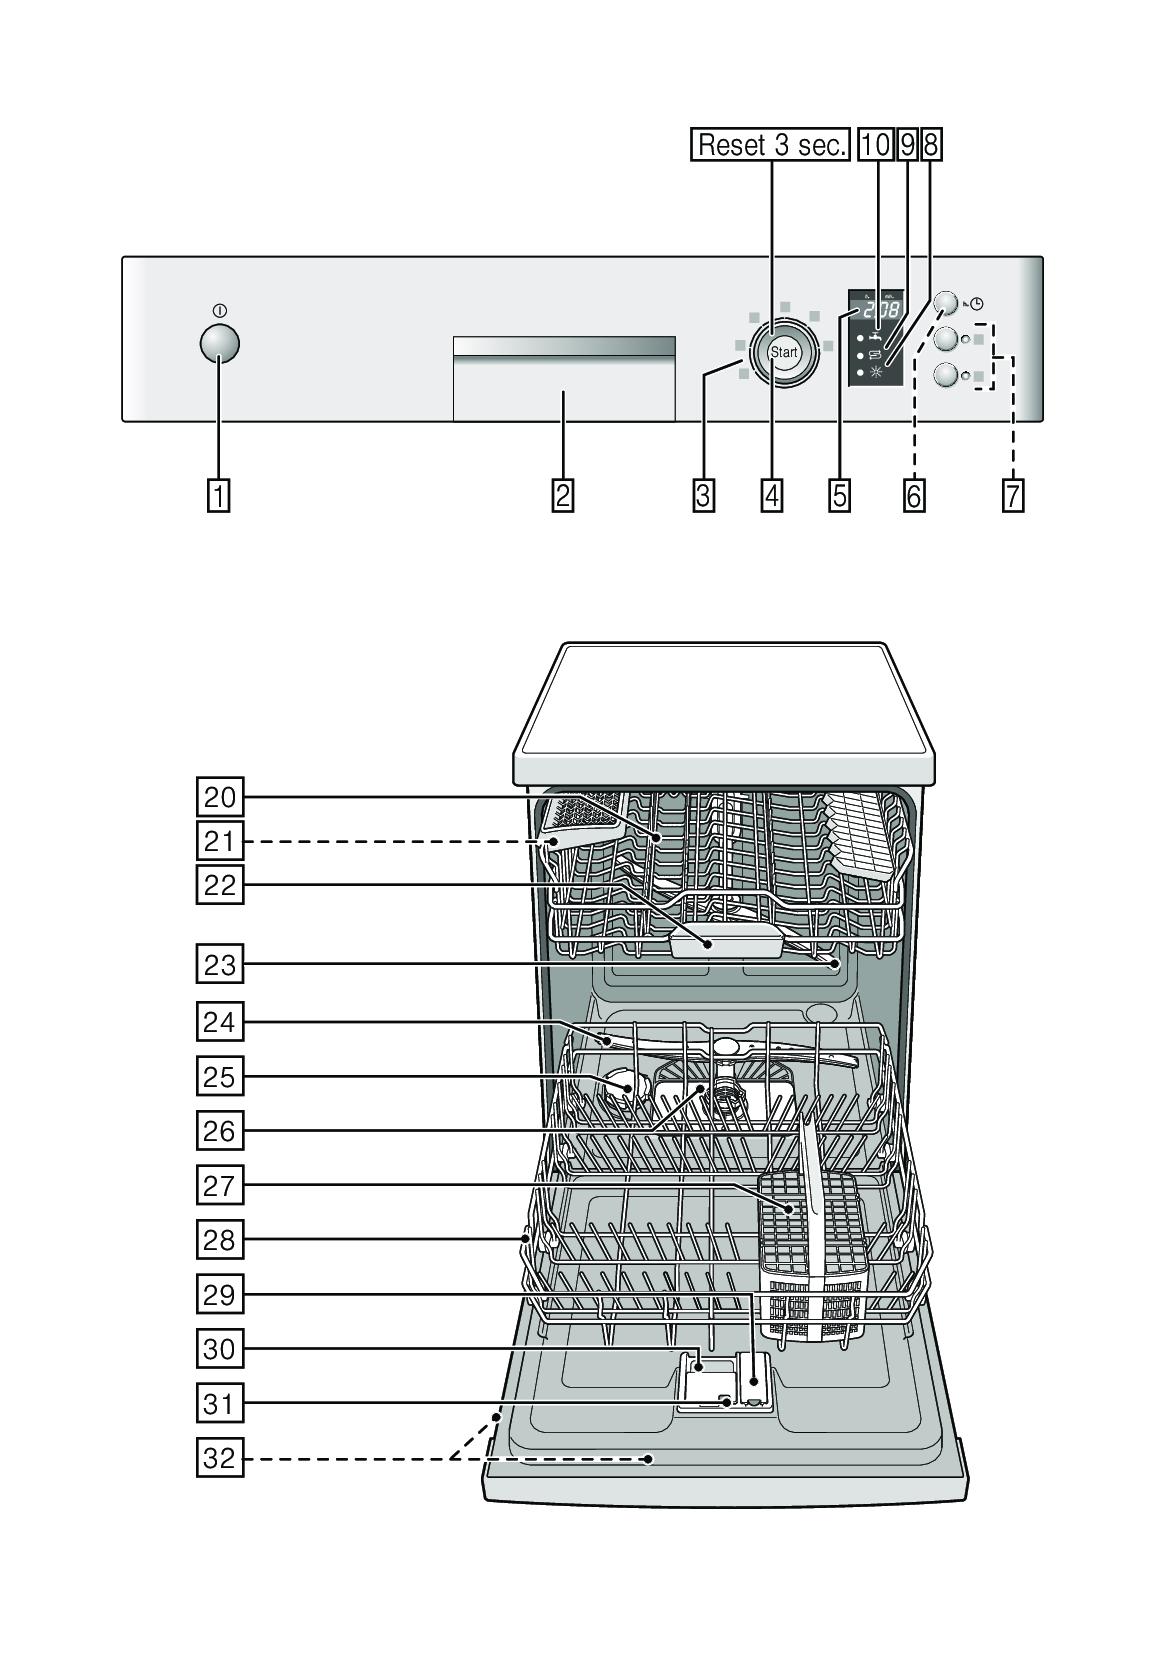 Sơ đồ bảng điều khiển máy rửa bát Bosch Seri 2 và một số mẫu Seri 2